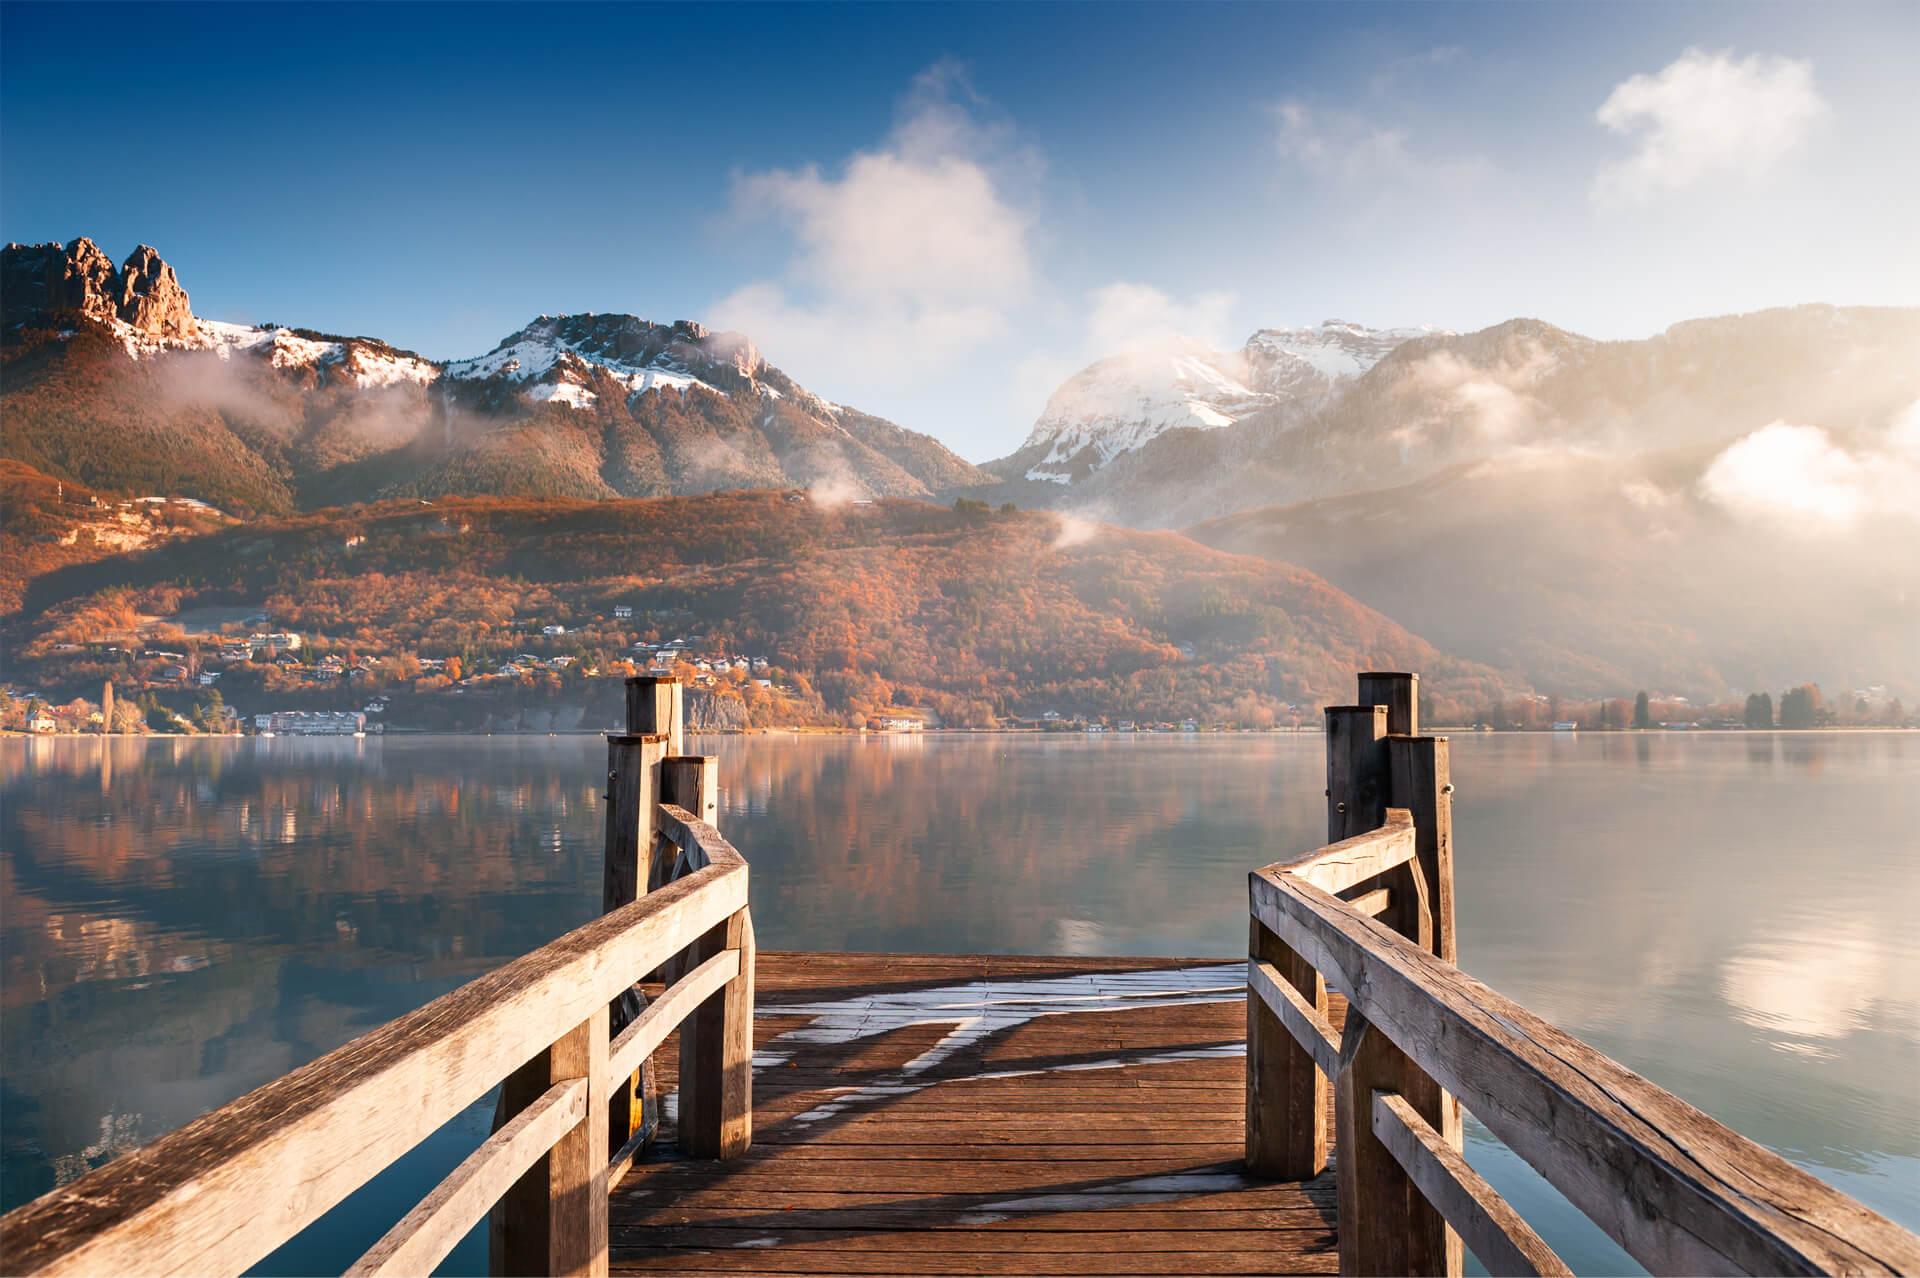 City View Lake Rivage